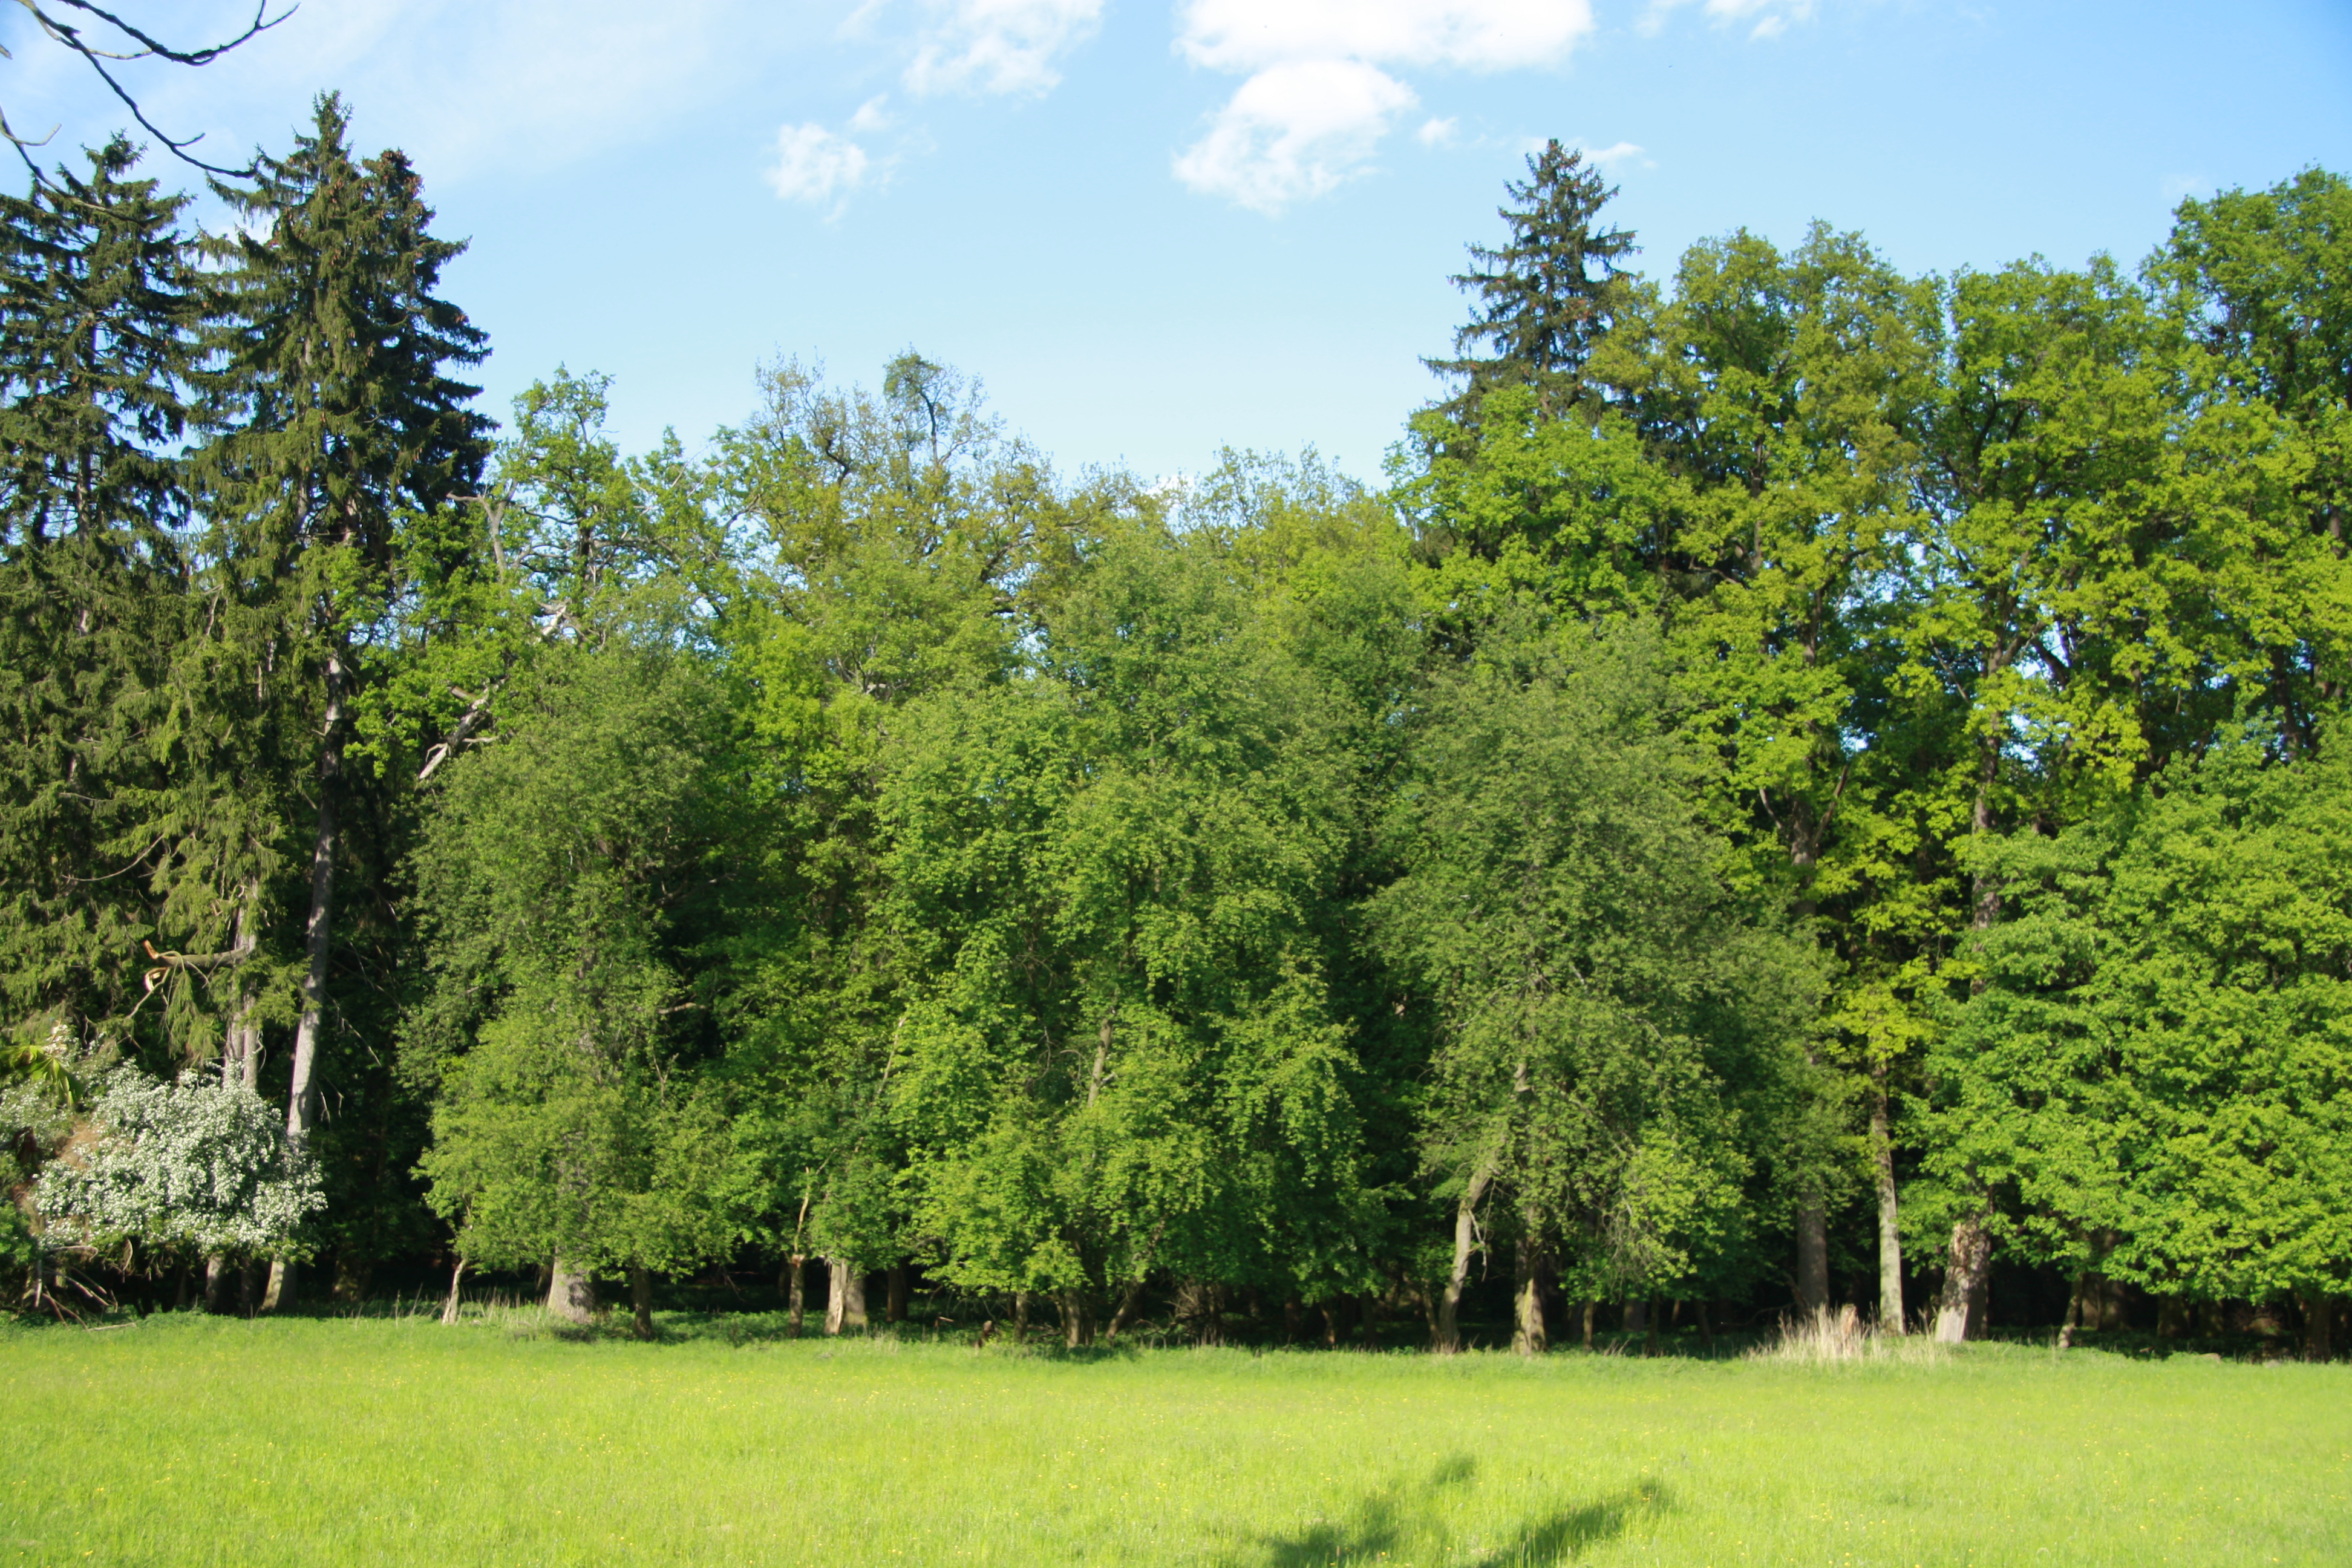 File:Trees near house in Náměšťská obora in Kralice nad Oslavou ...